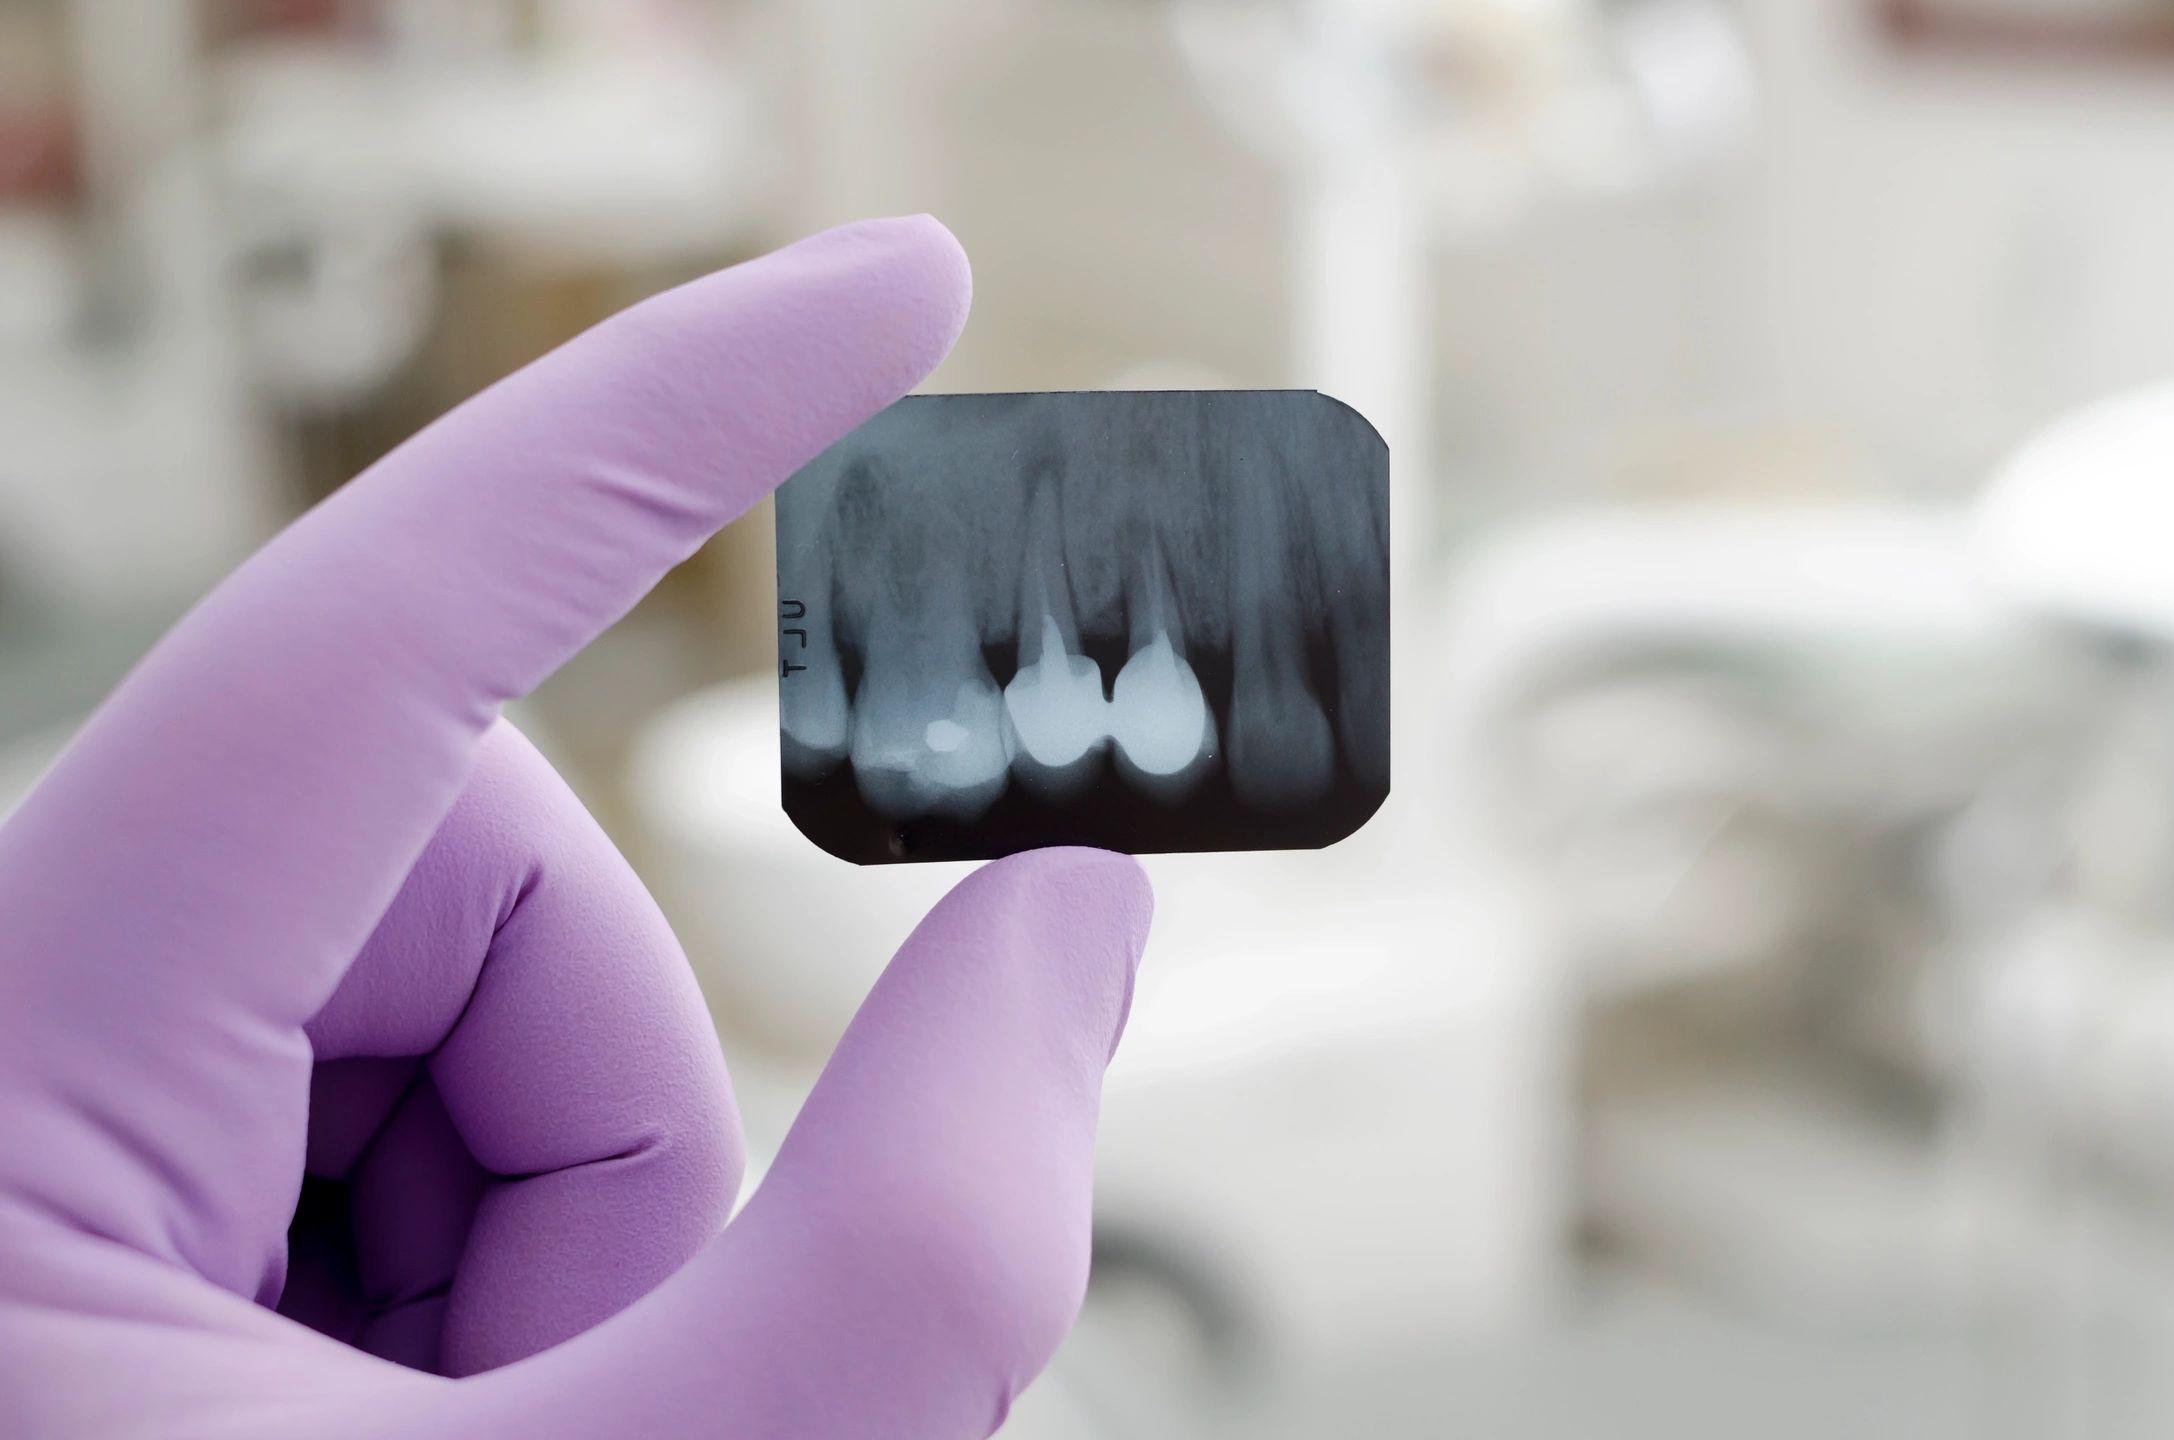 dentistry  dentist dr. ron Elliott  Florence, ky  northern Kentucky  Cincinnati  veneers  botox  tmj  dermal fillers  invisalign  crowns  fillings  cleaning